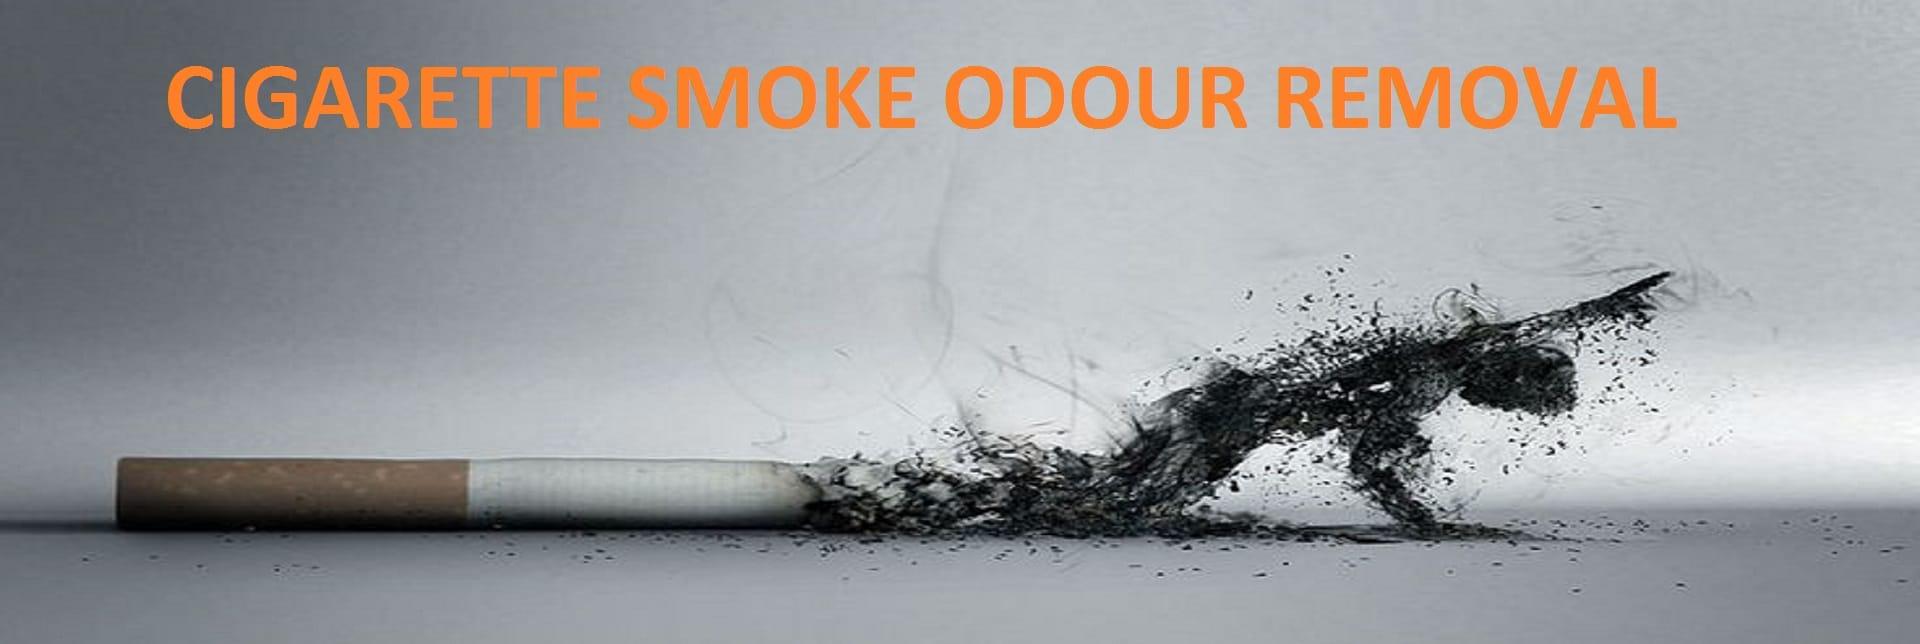 remove cigarette odour Ottawa